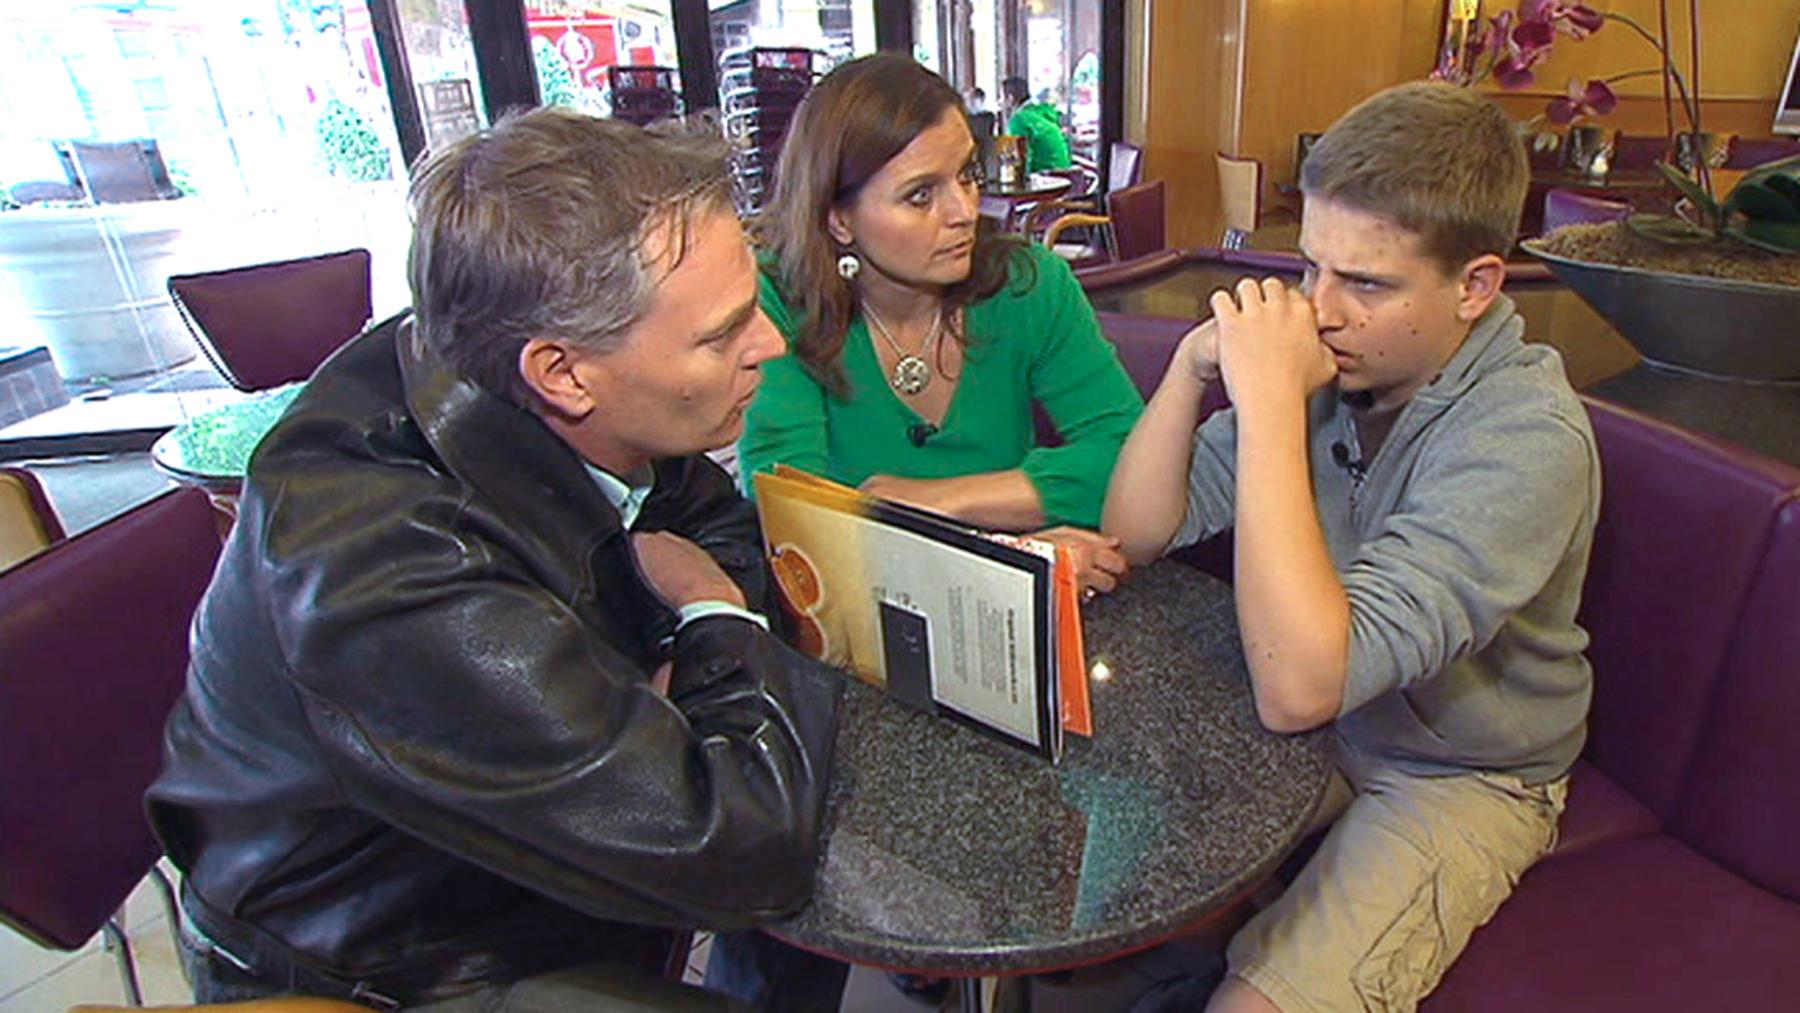 Angeblicher Teenievater verschwindet nach Streit in der Schule